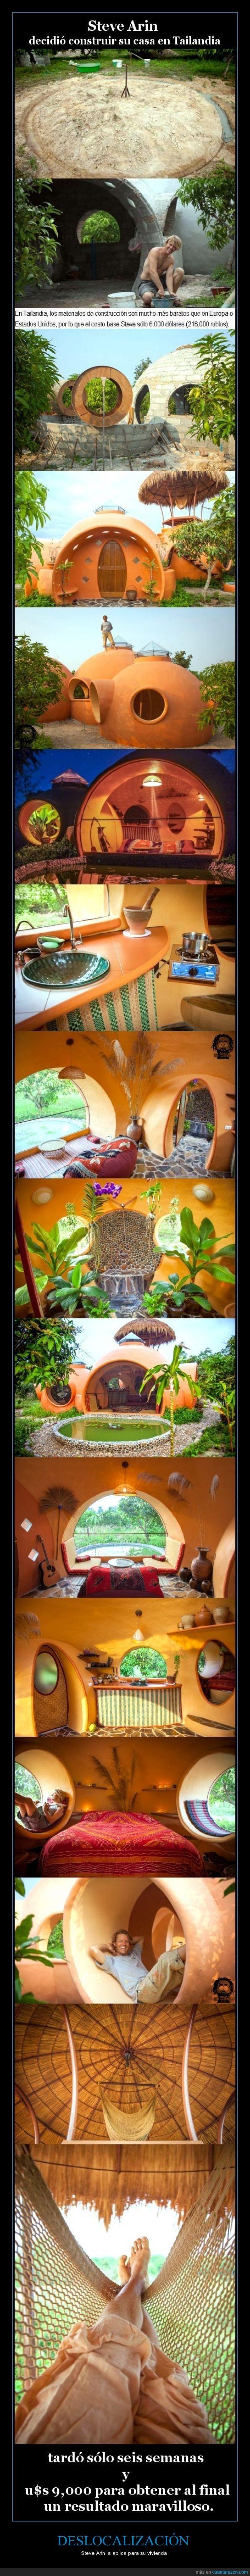 casa,construccion,deslocalización,dolares,pagar,precio,steve arin,tailandia,vivienda